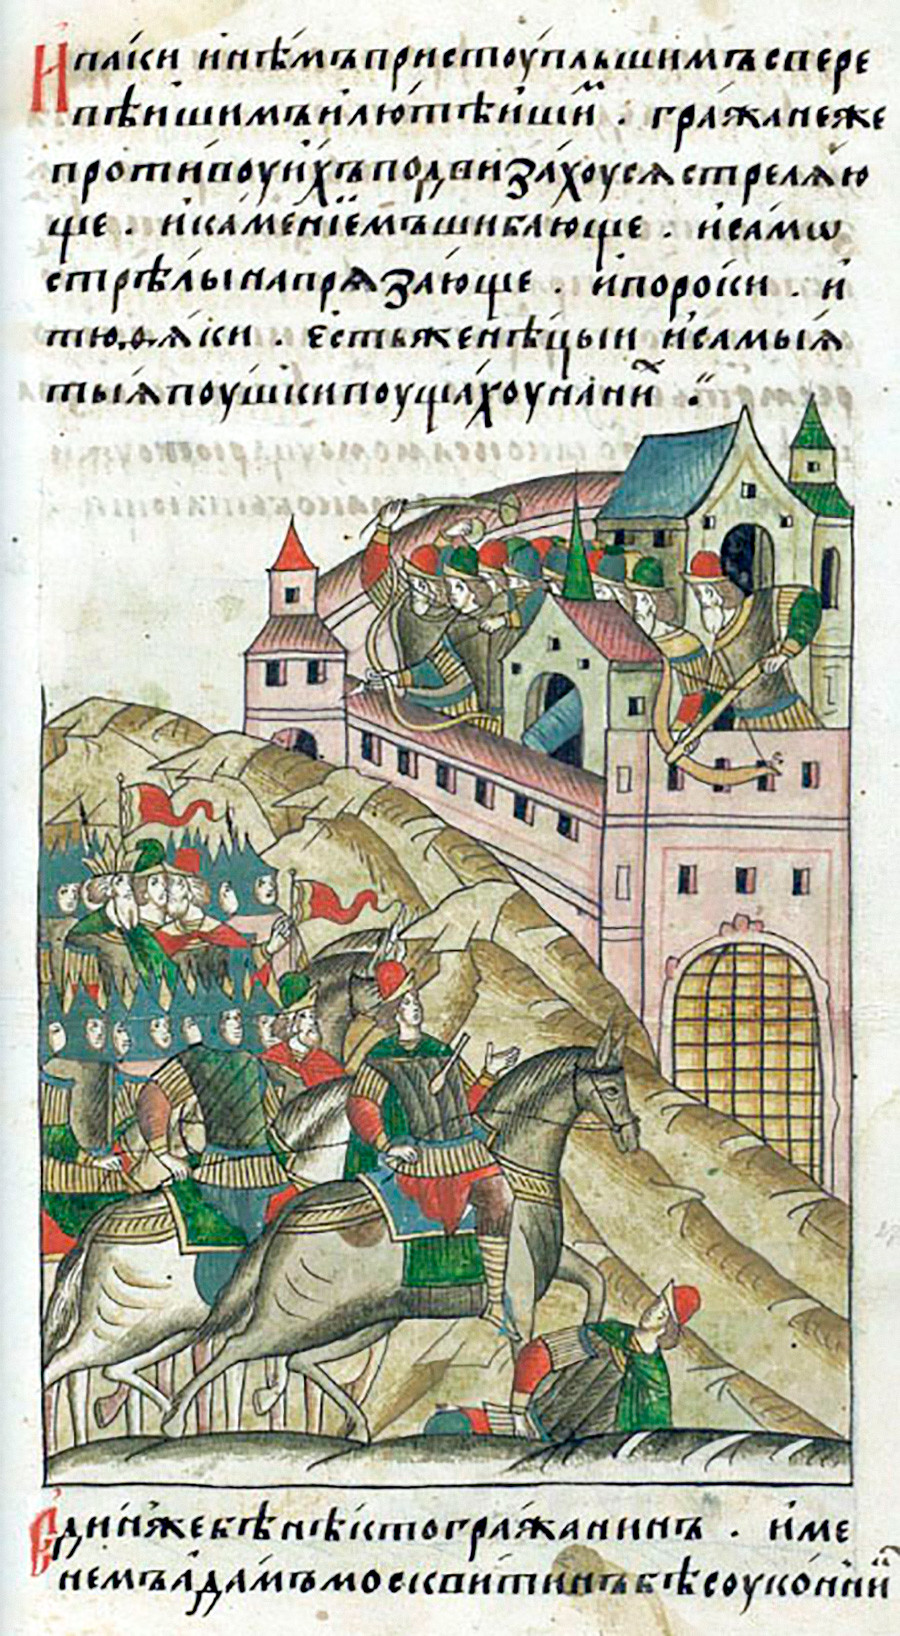 O cerco de Cã Toquetamis a Moscou, 1382 em ilustração de crônica do século 16. Nela, pode-se ver uma arma da fortaleza na torre central da muralha da cidade.